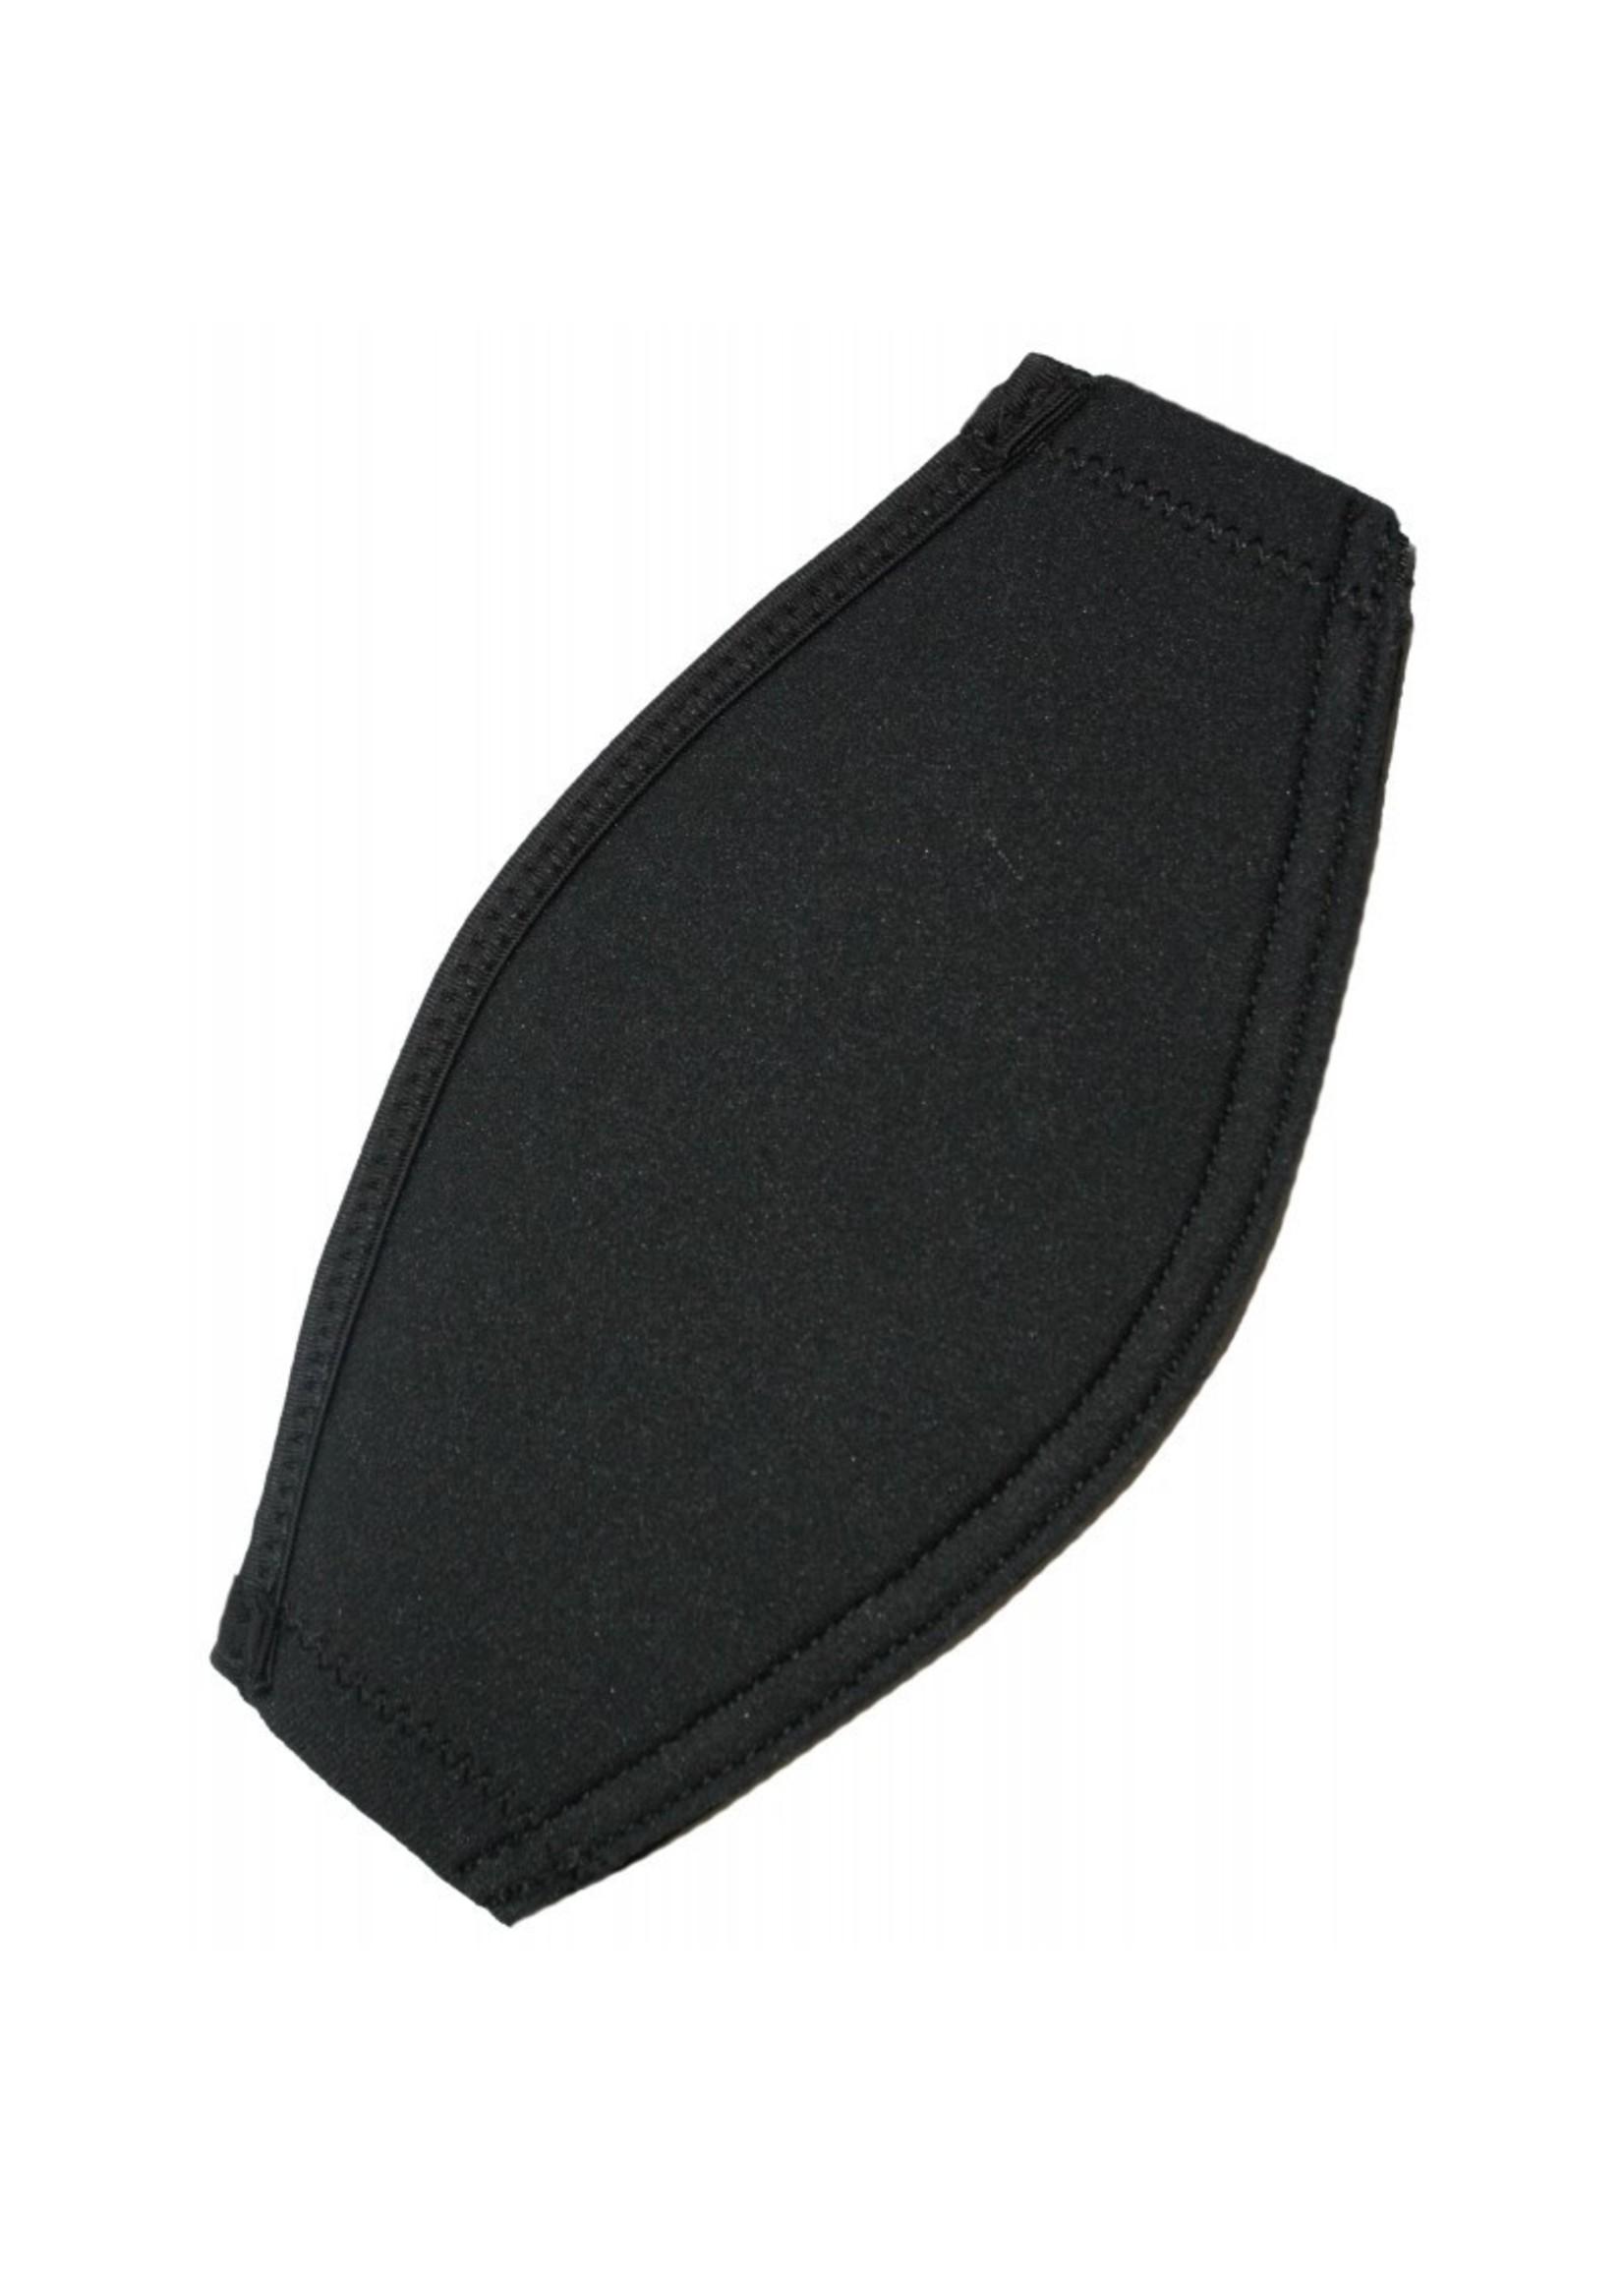 iQ Mask Strap - Black